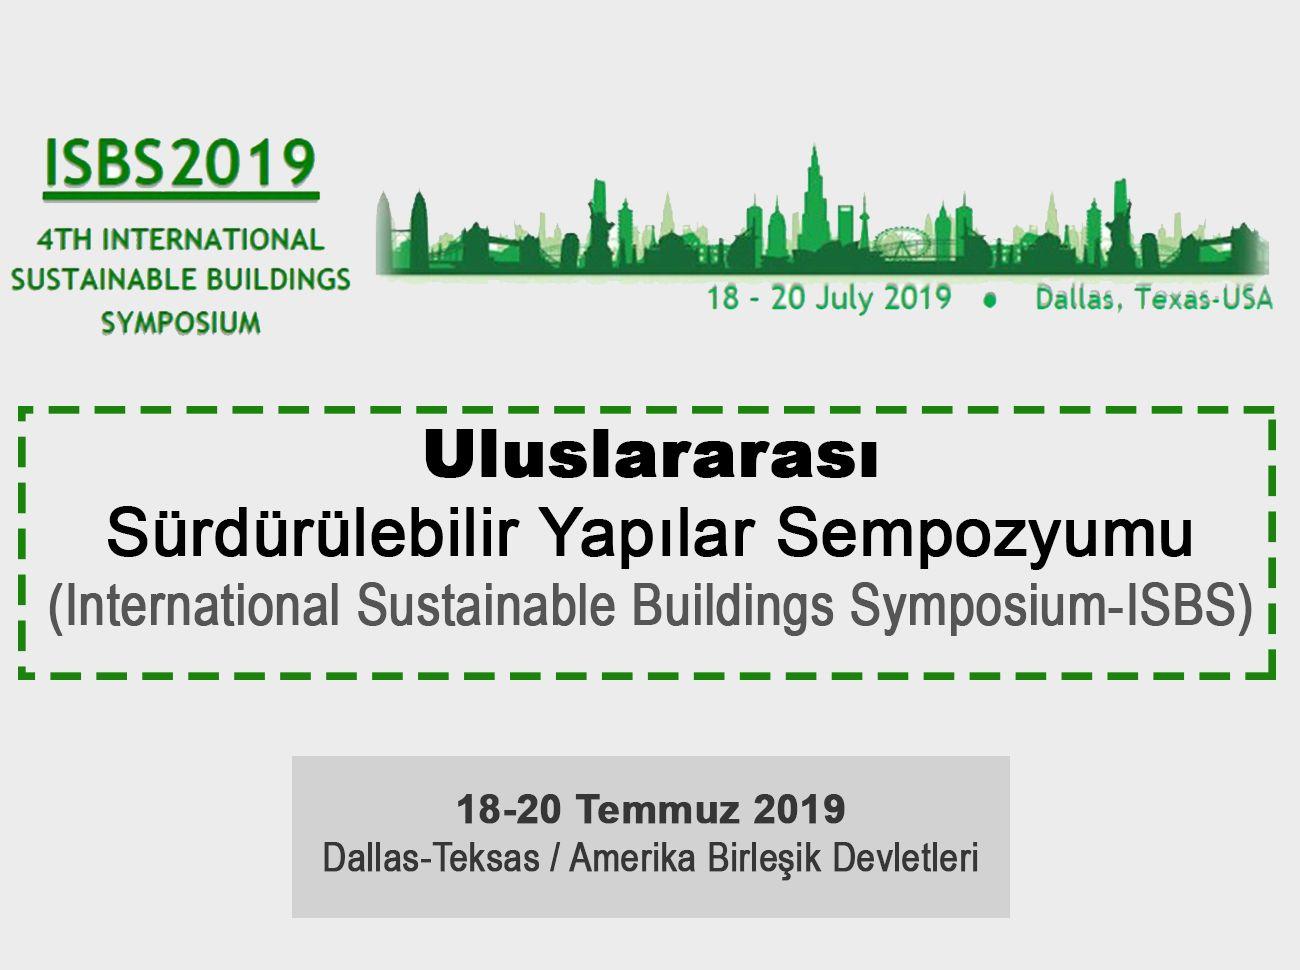 4. Uluslararası Sürdürülebilir Yapılar Sempozyumu (2019)